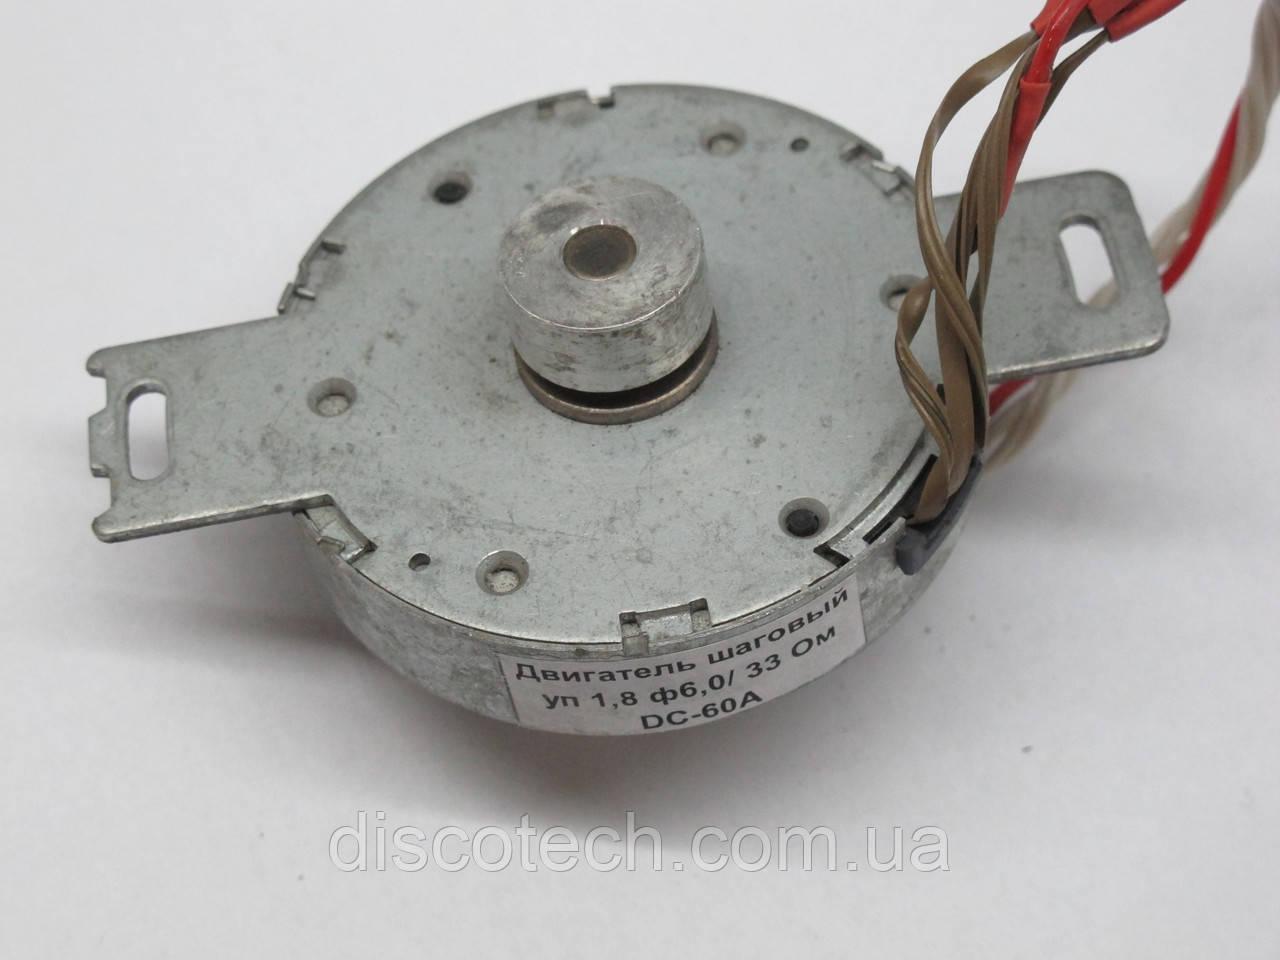 Кроковий двигун уп 1,8 ф6,0/ 33 Ом DC-60A